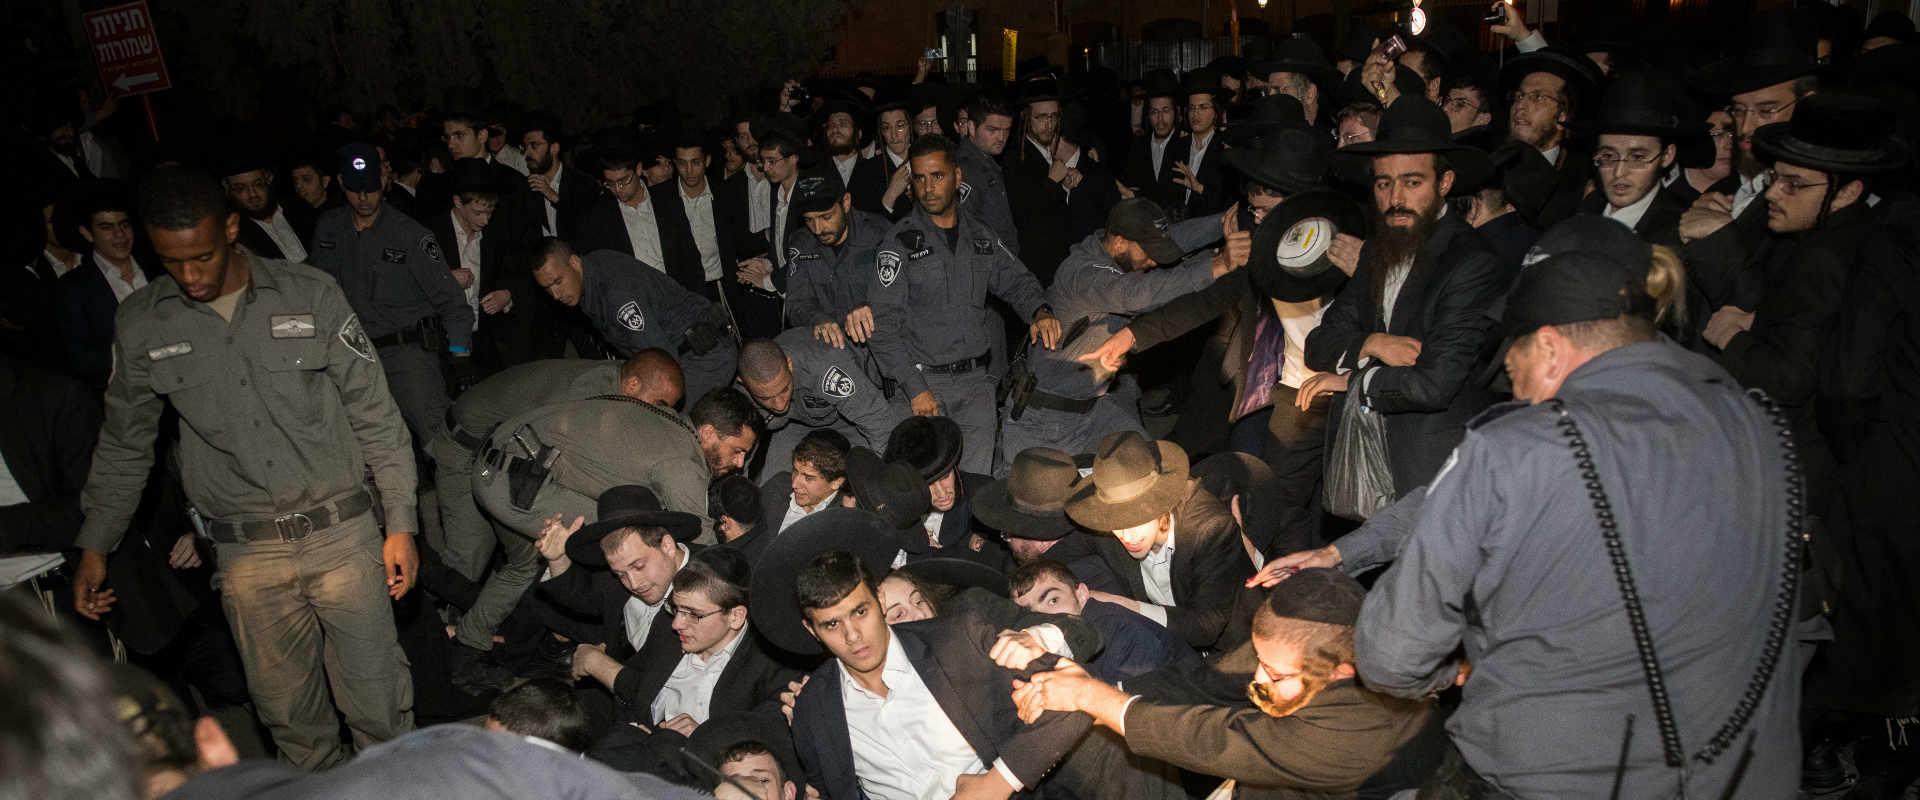 מפגינים חרדים נגד גיוס, בשבוע שעבר בירושלים